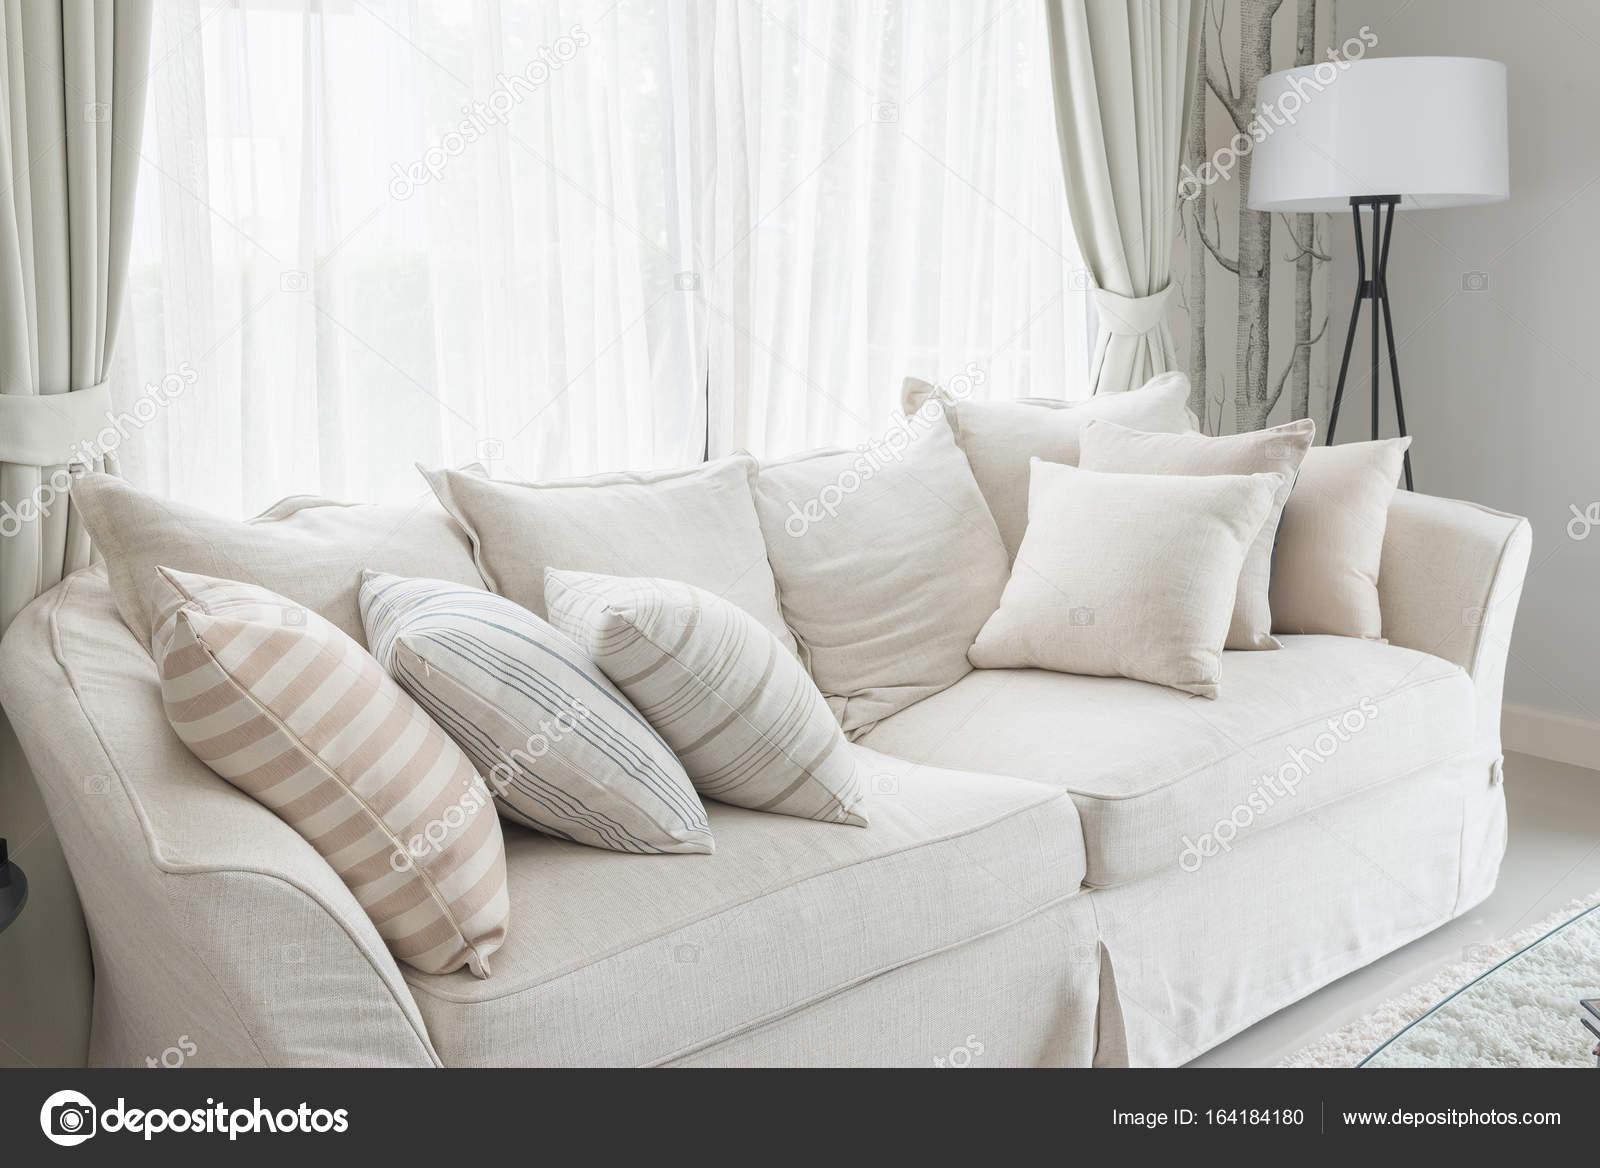 Kissen-Set auf weißen klassische Sofa im Wohnzimmer — Stockfoto ...